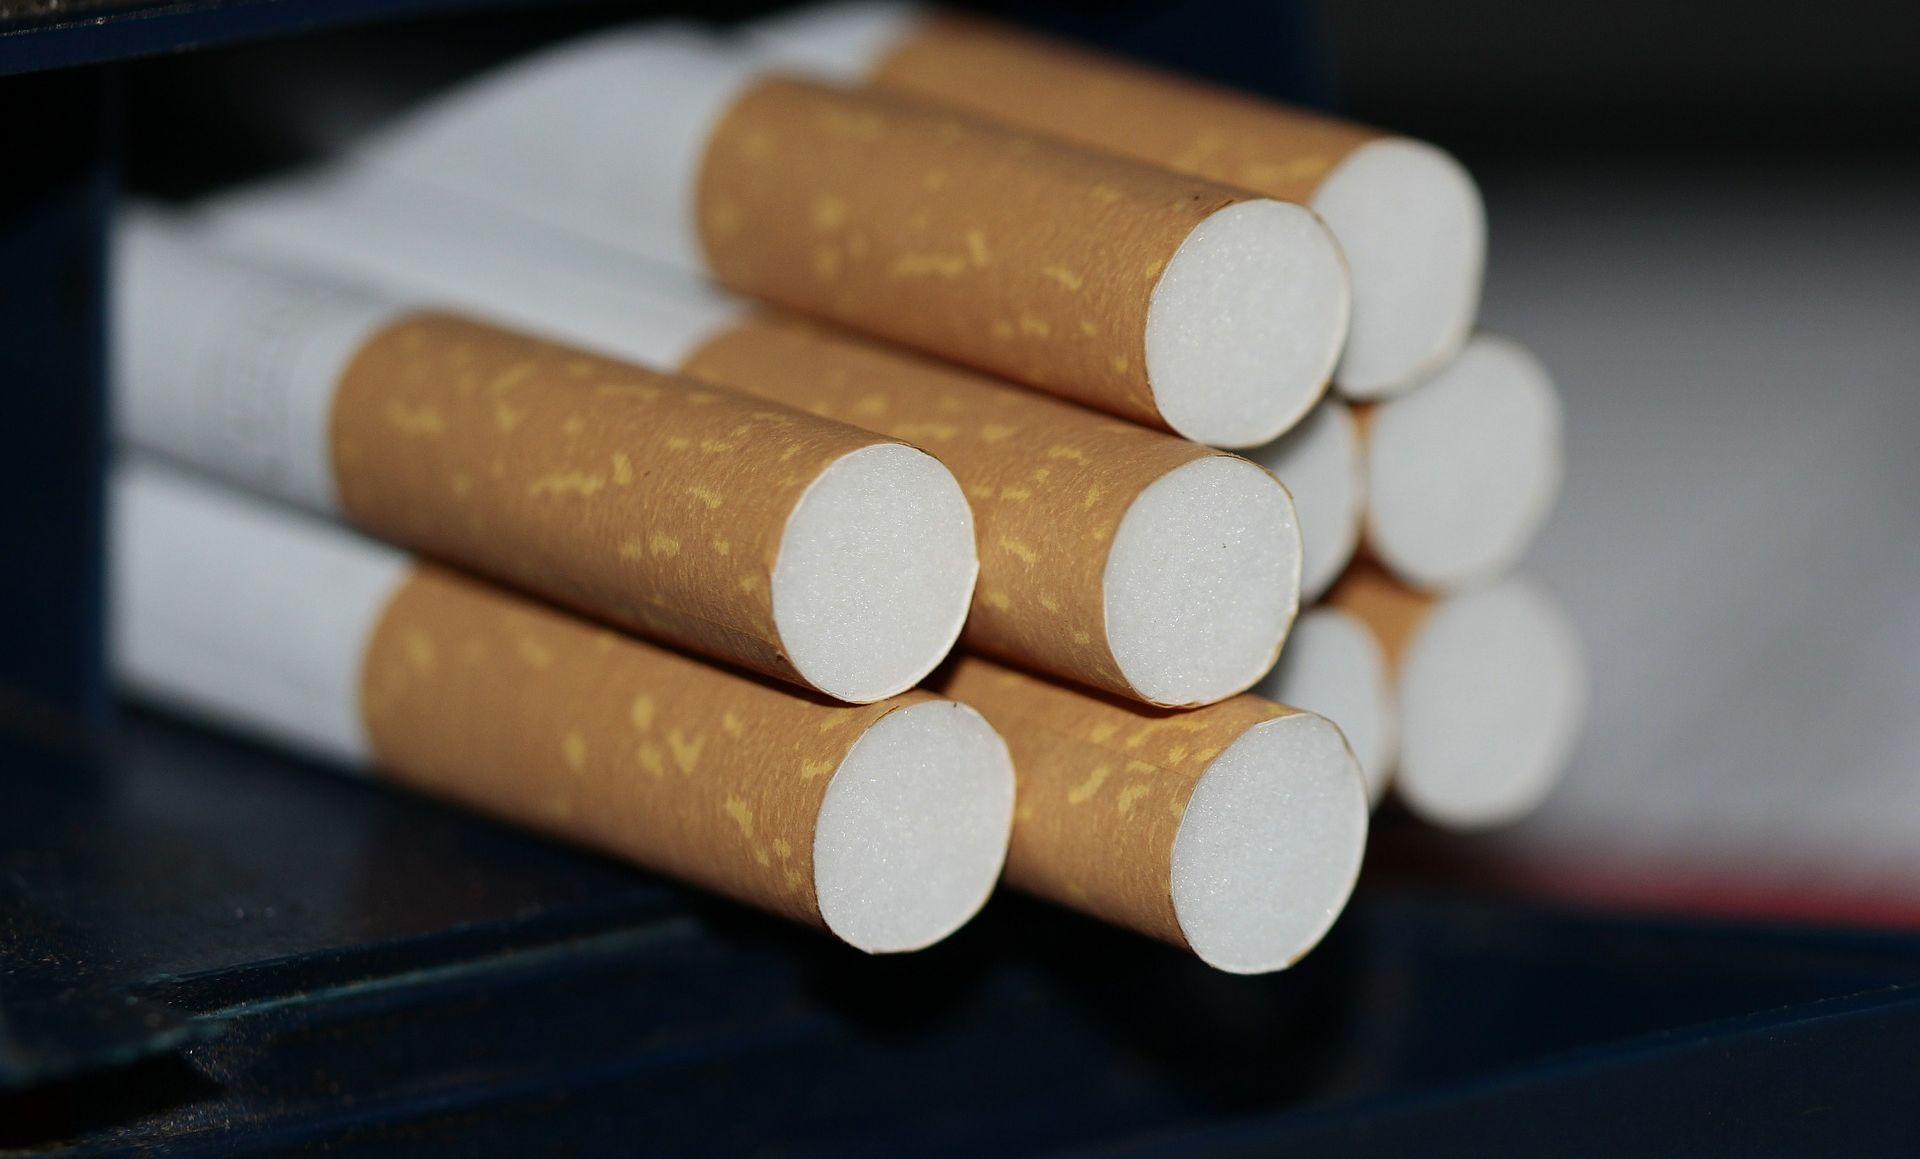 Proizvođači duhanskih proizvoda po prvi put od 2008. u gubitku